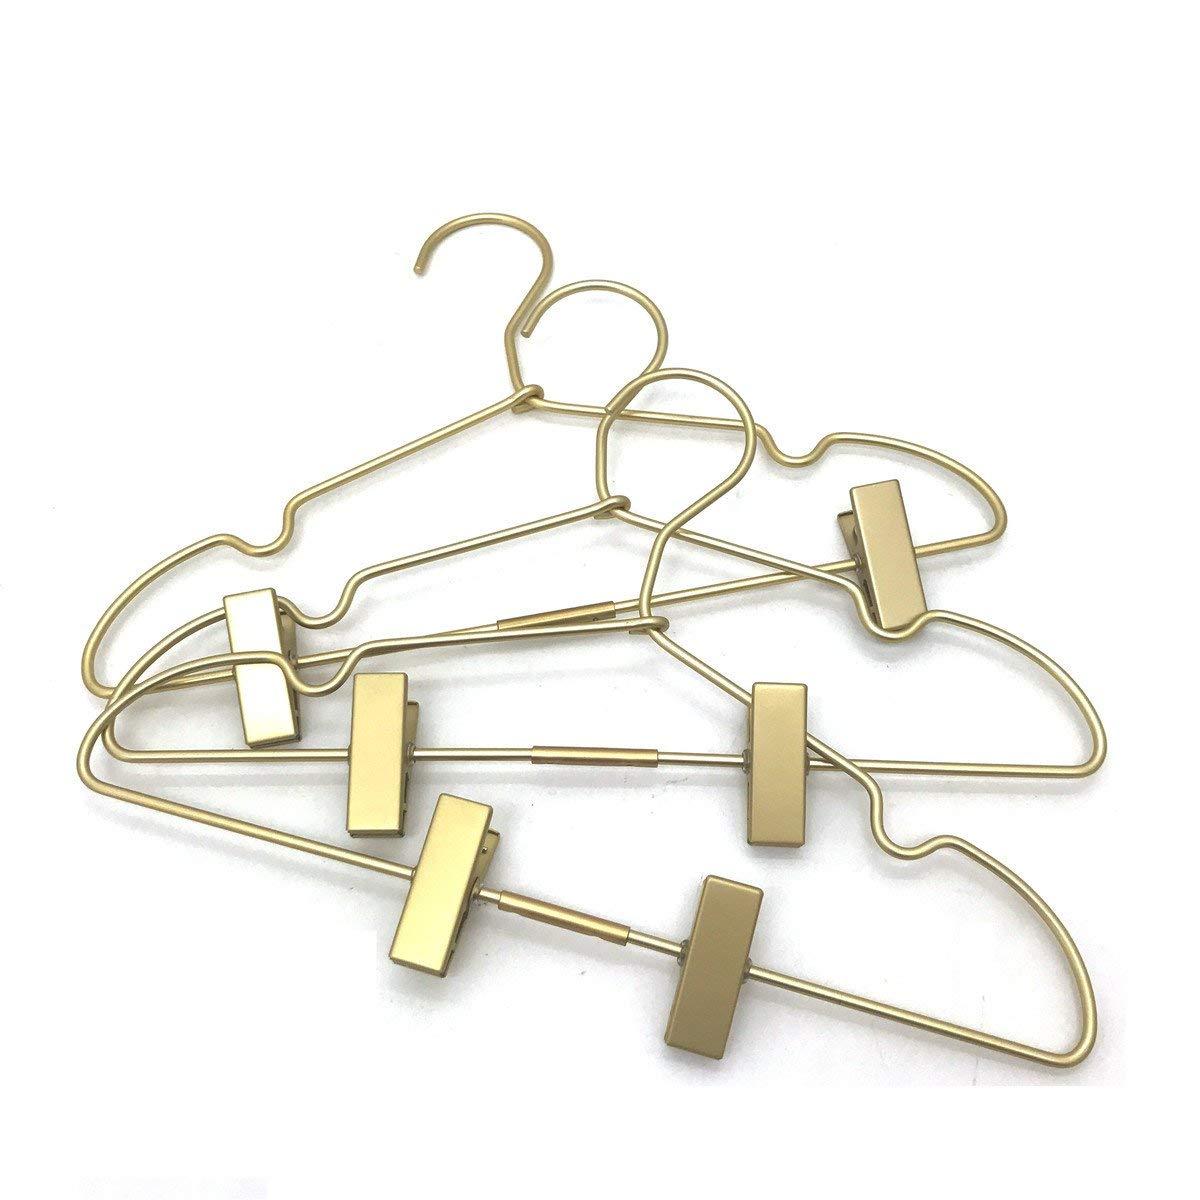 Koobay 30PS Golden Metal 16.5''(42cm) Clothes Clips Hanger Adult Coat Hanger Display and Storage by Koobay